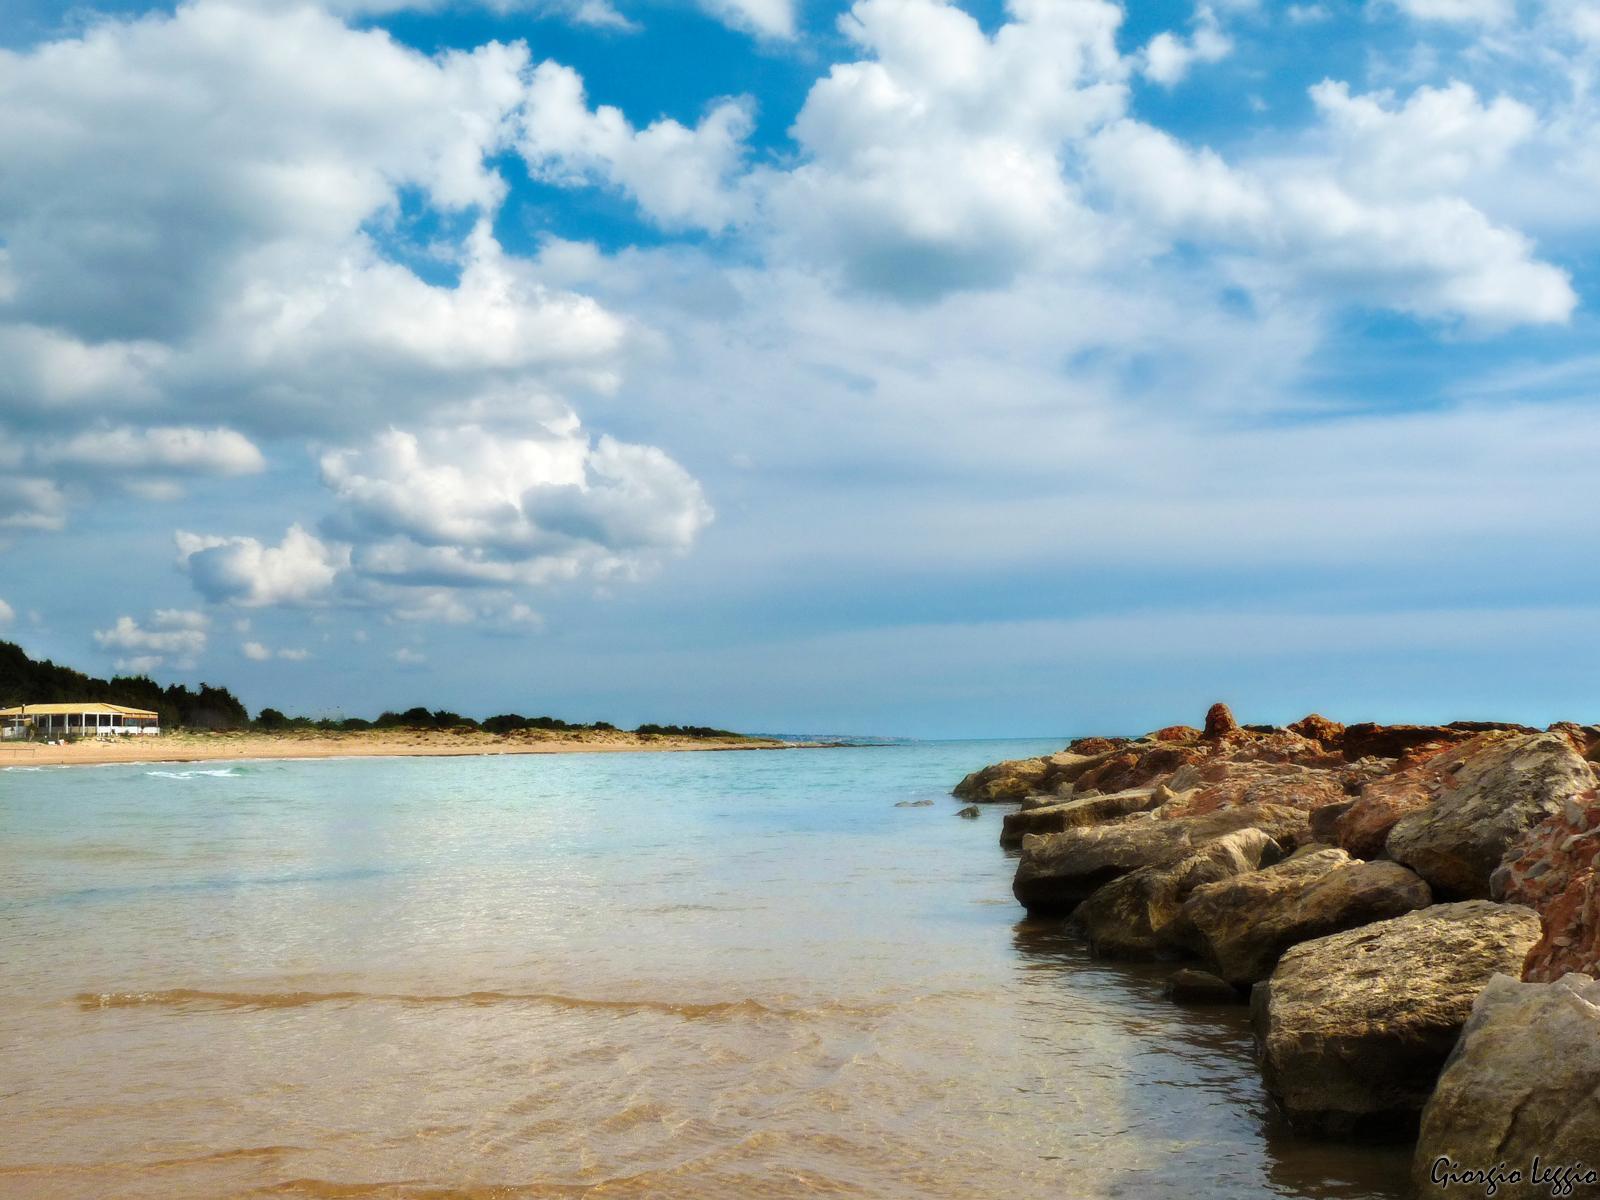 Noleggio Barche Marina di Ragusa - Navalia | Noleggia un Sogno